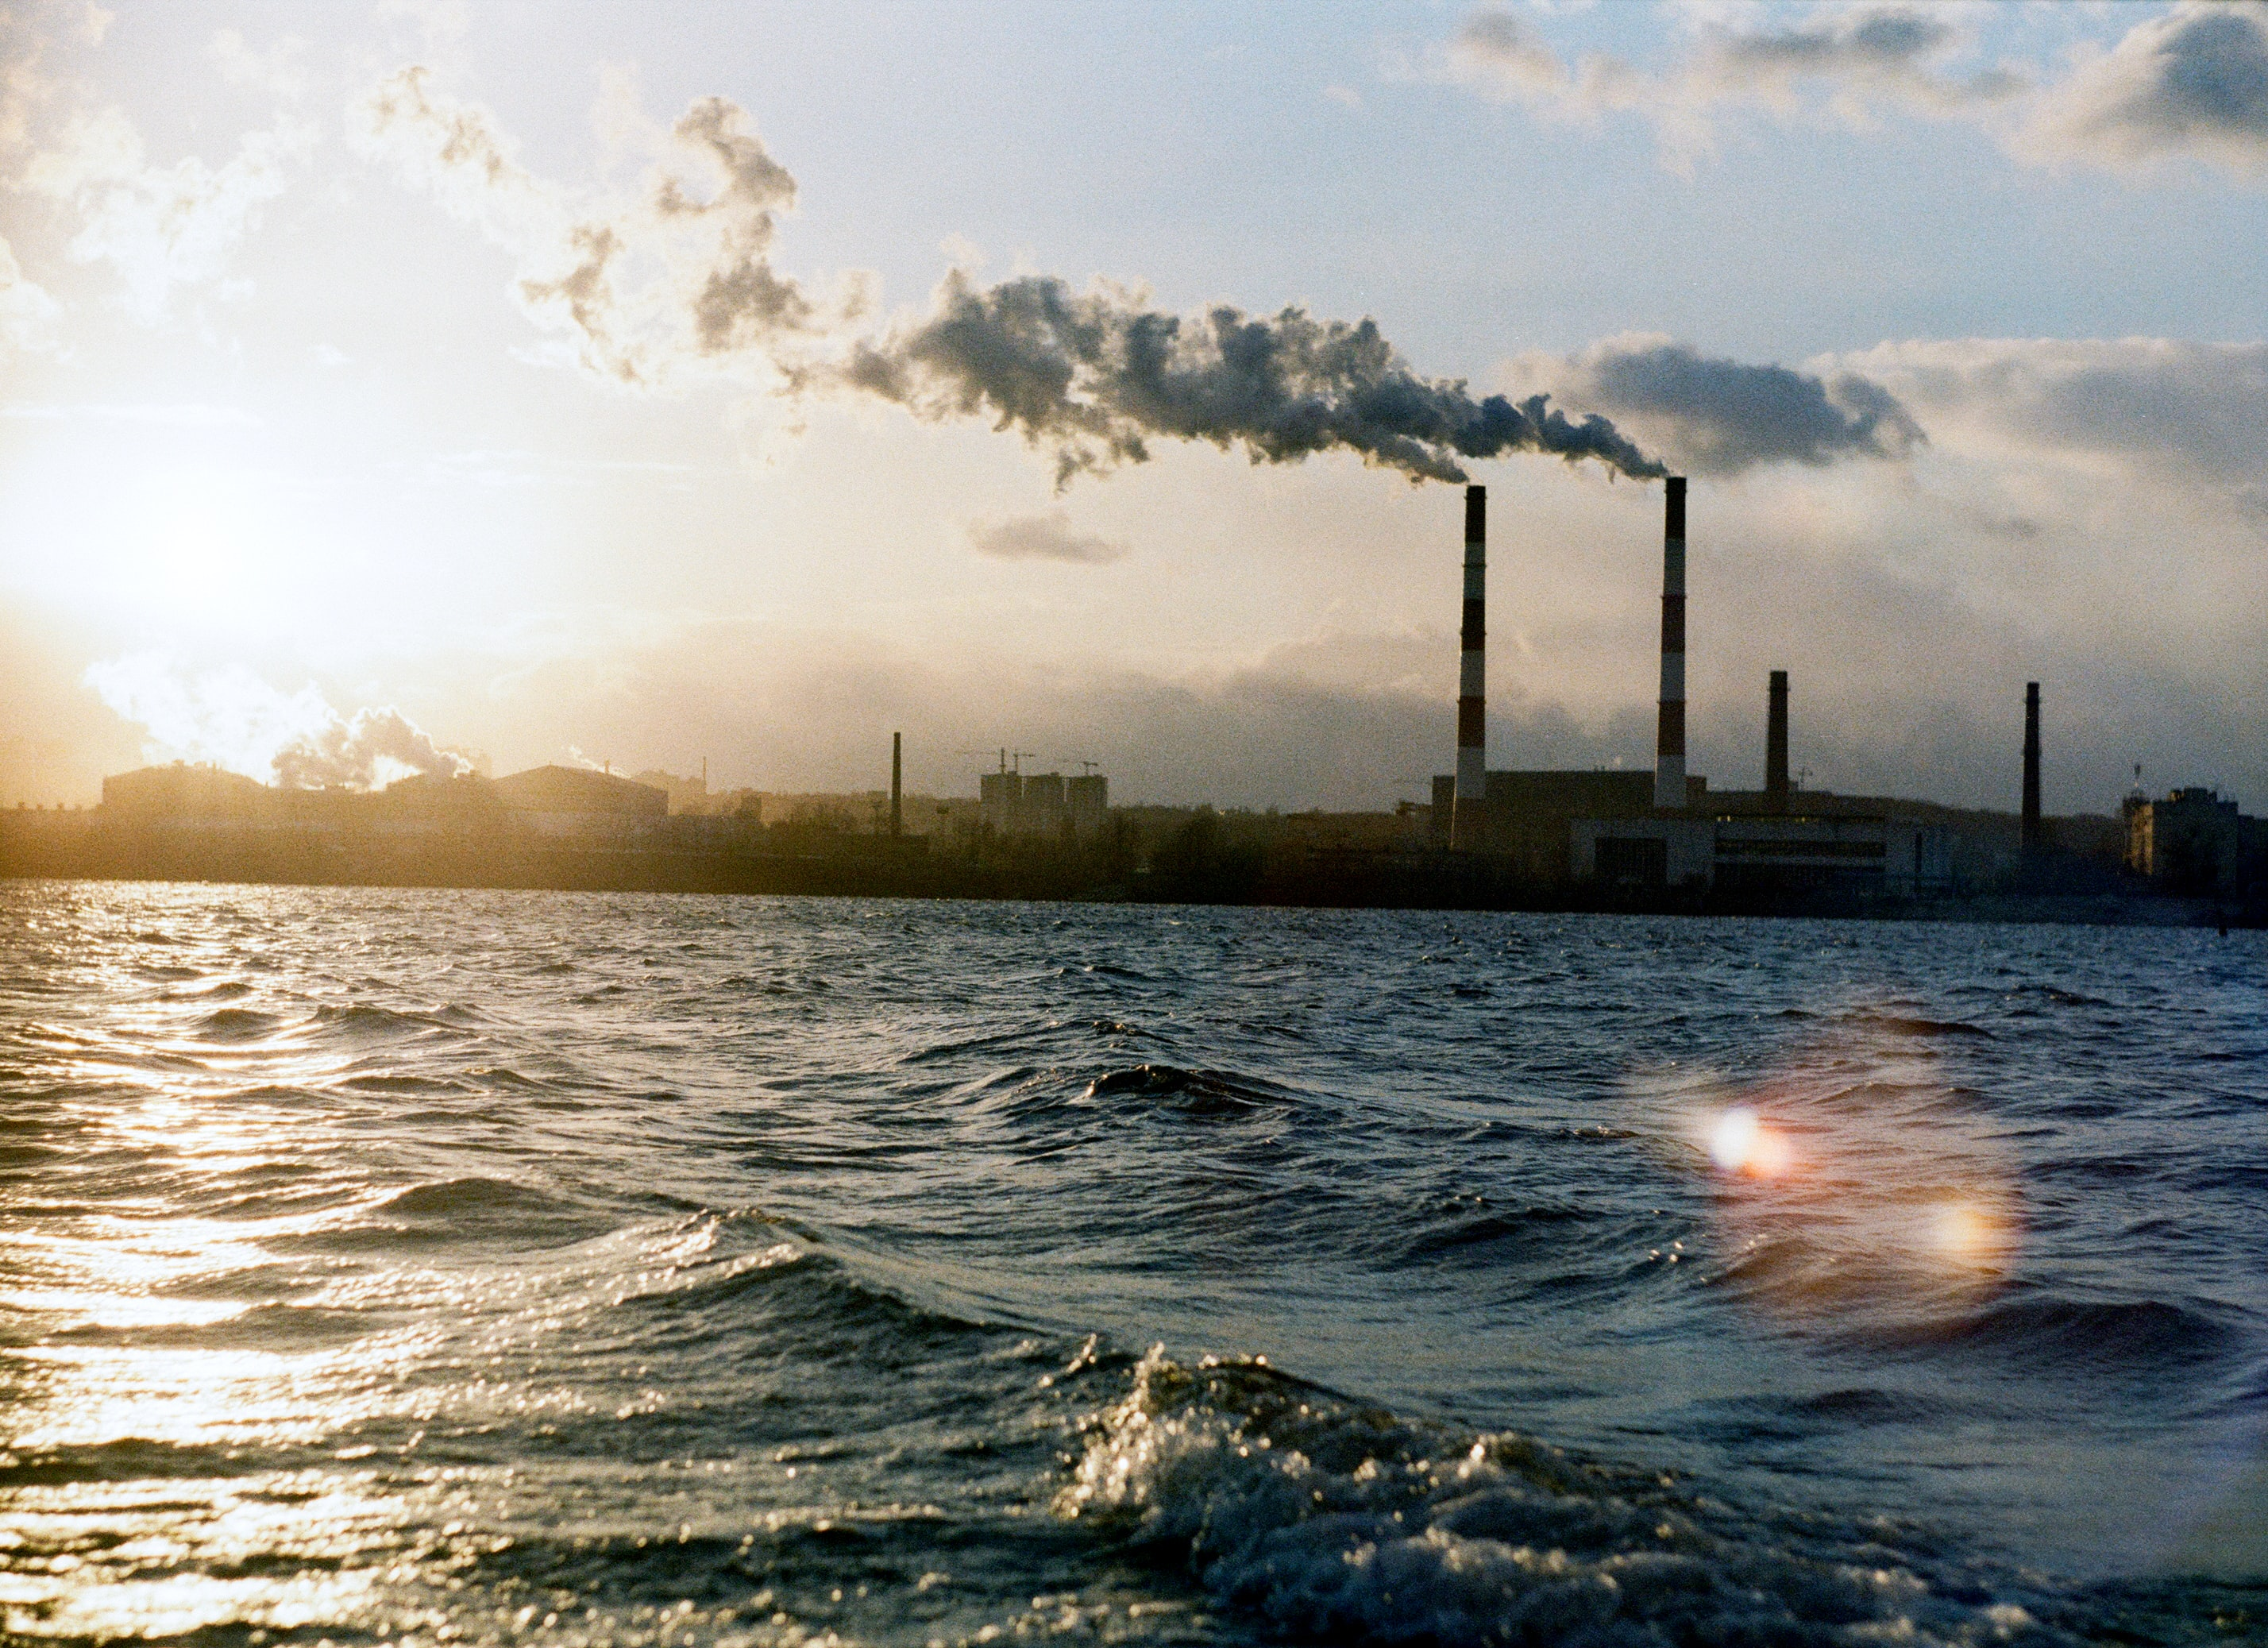 acque-reflue-inquinamento-acqua-soluzioni